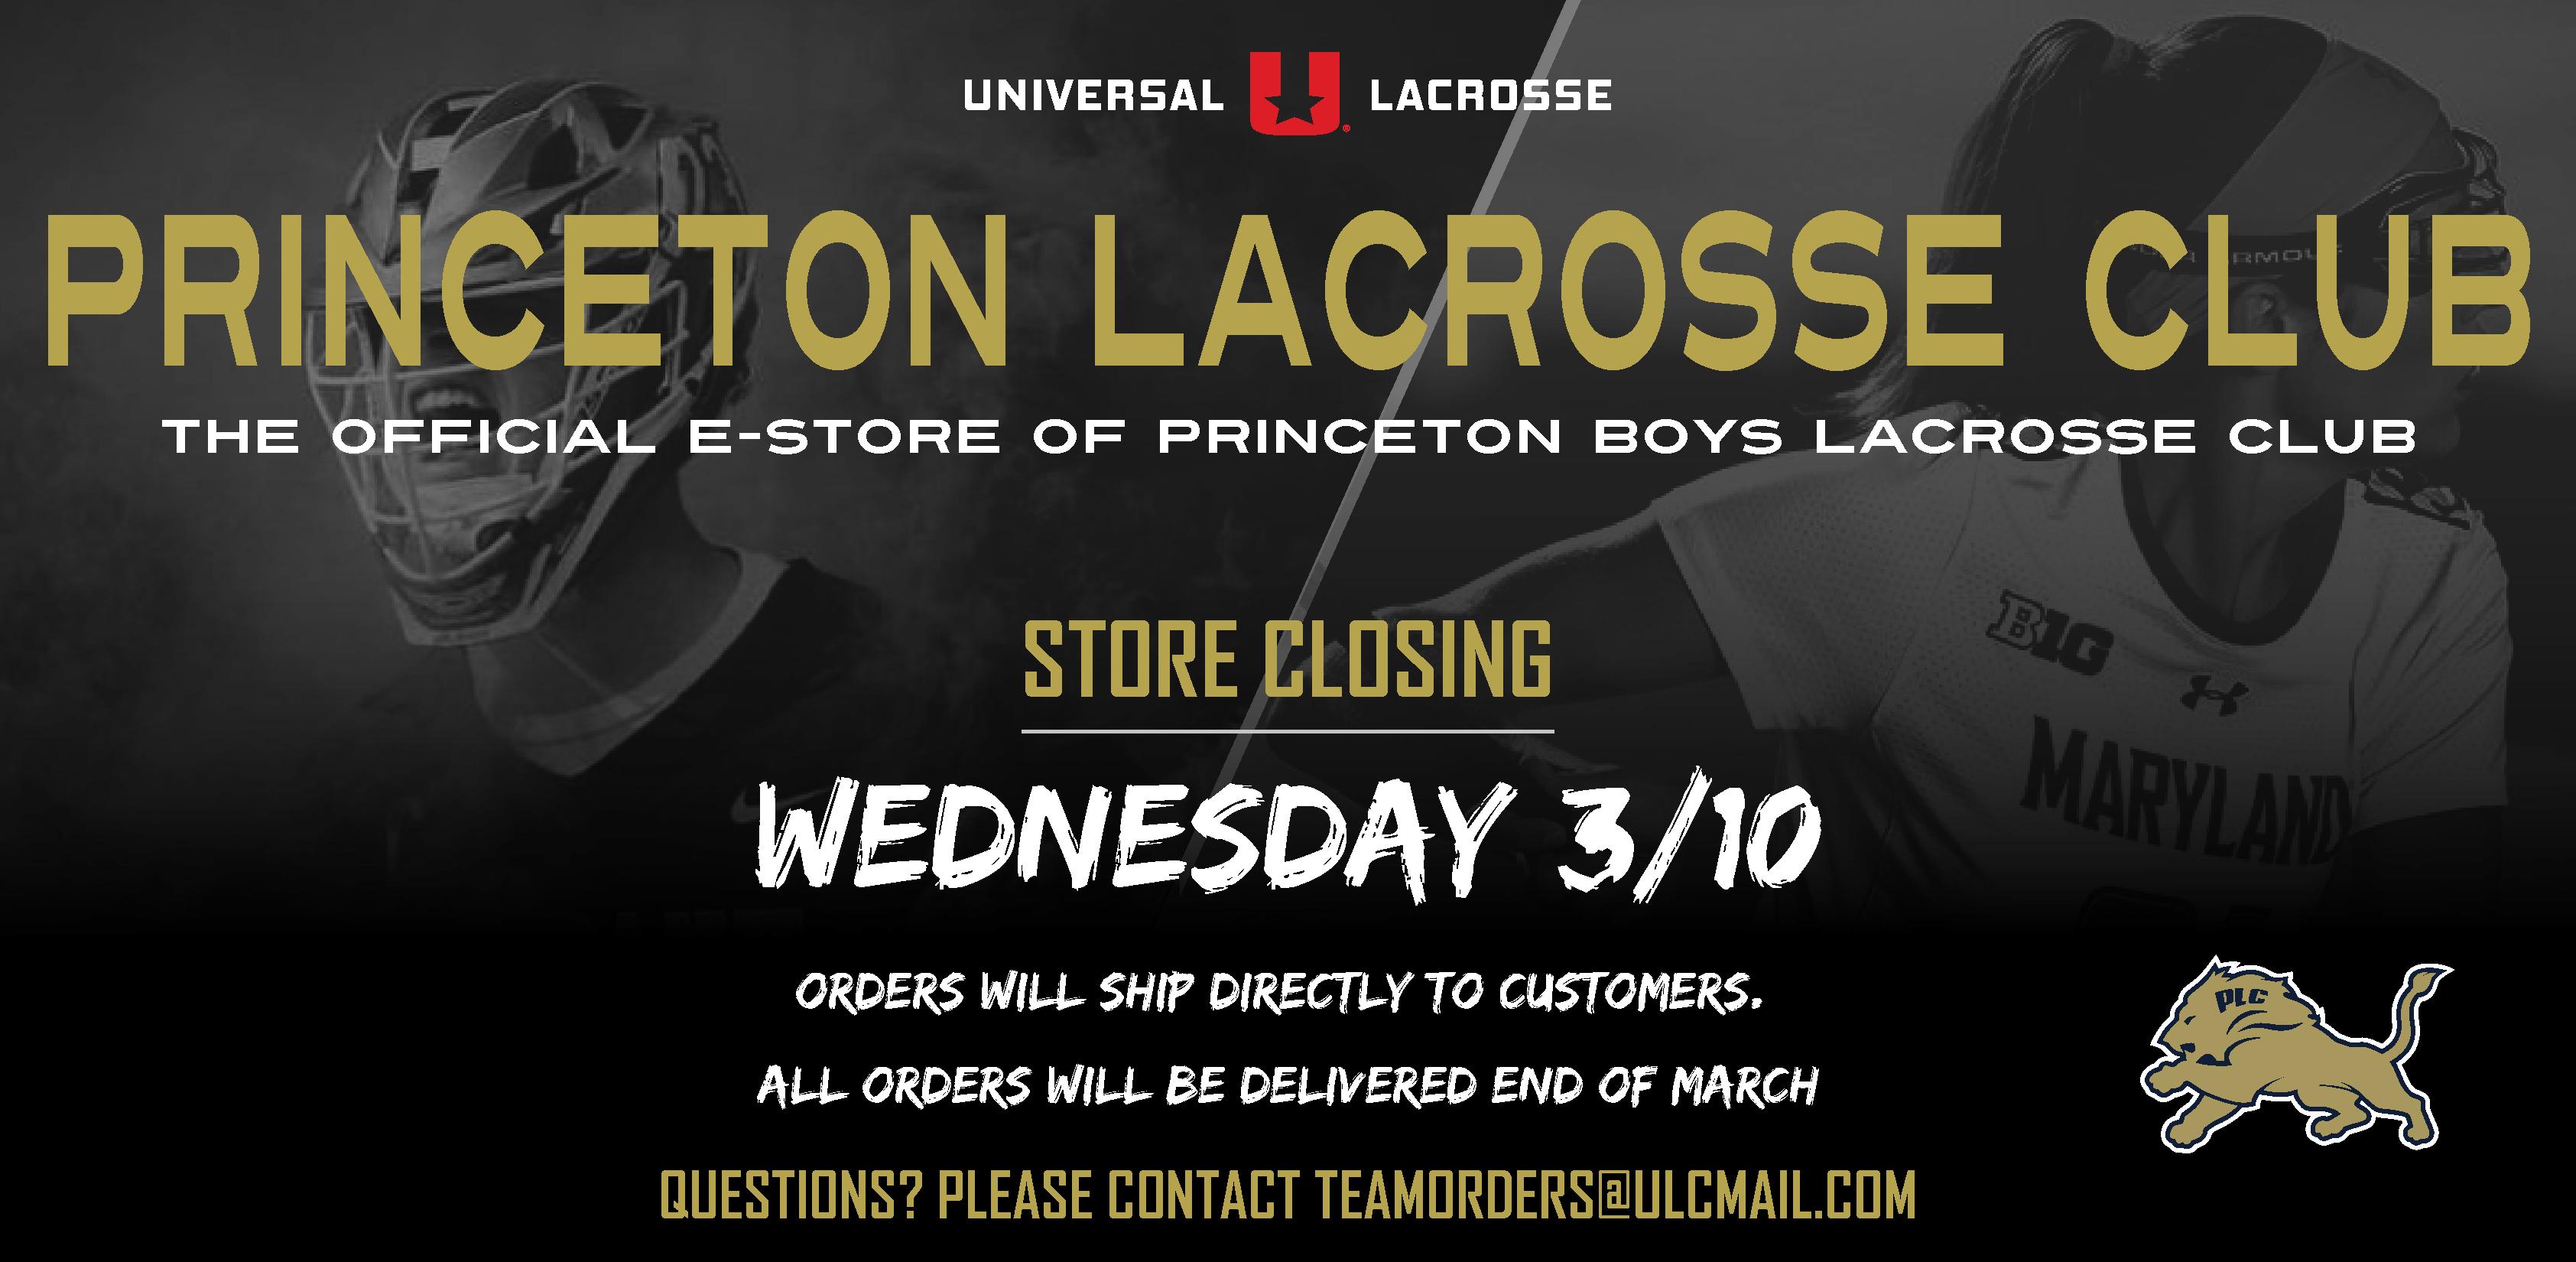 Princeton Lacrosse Club